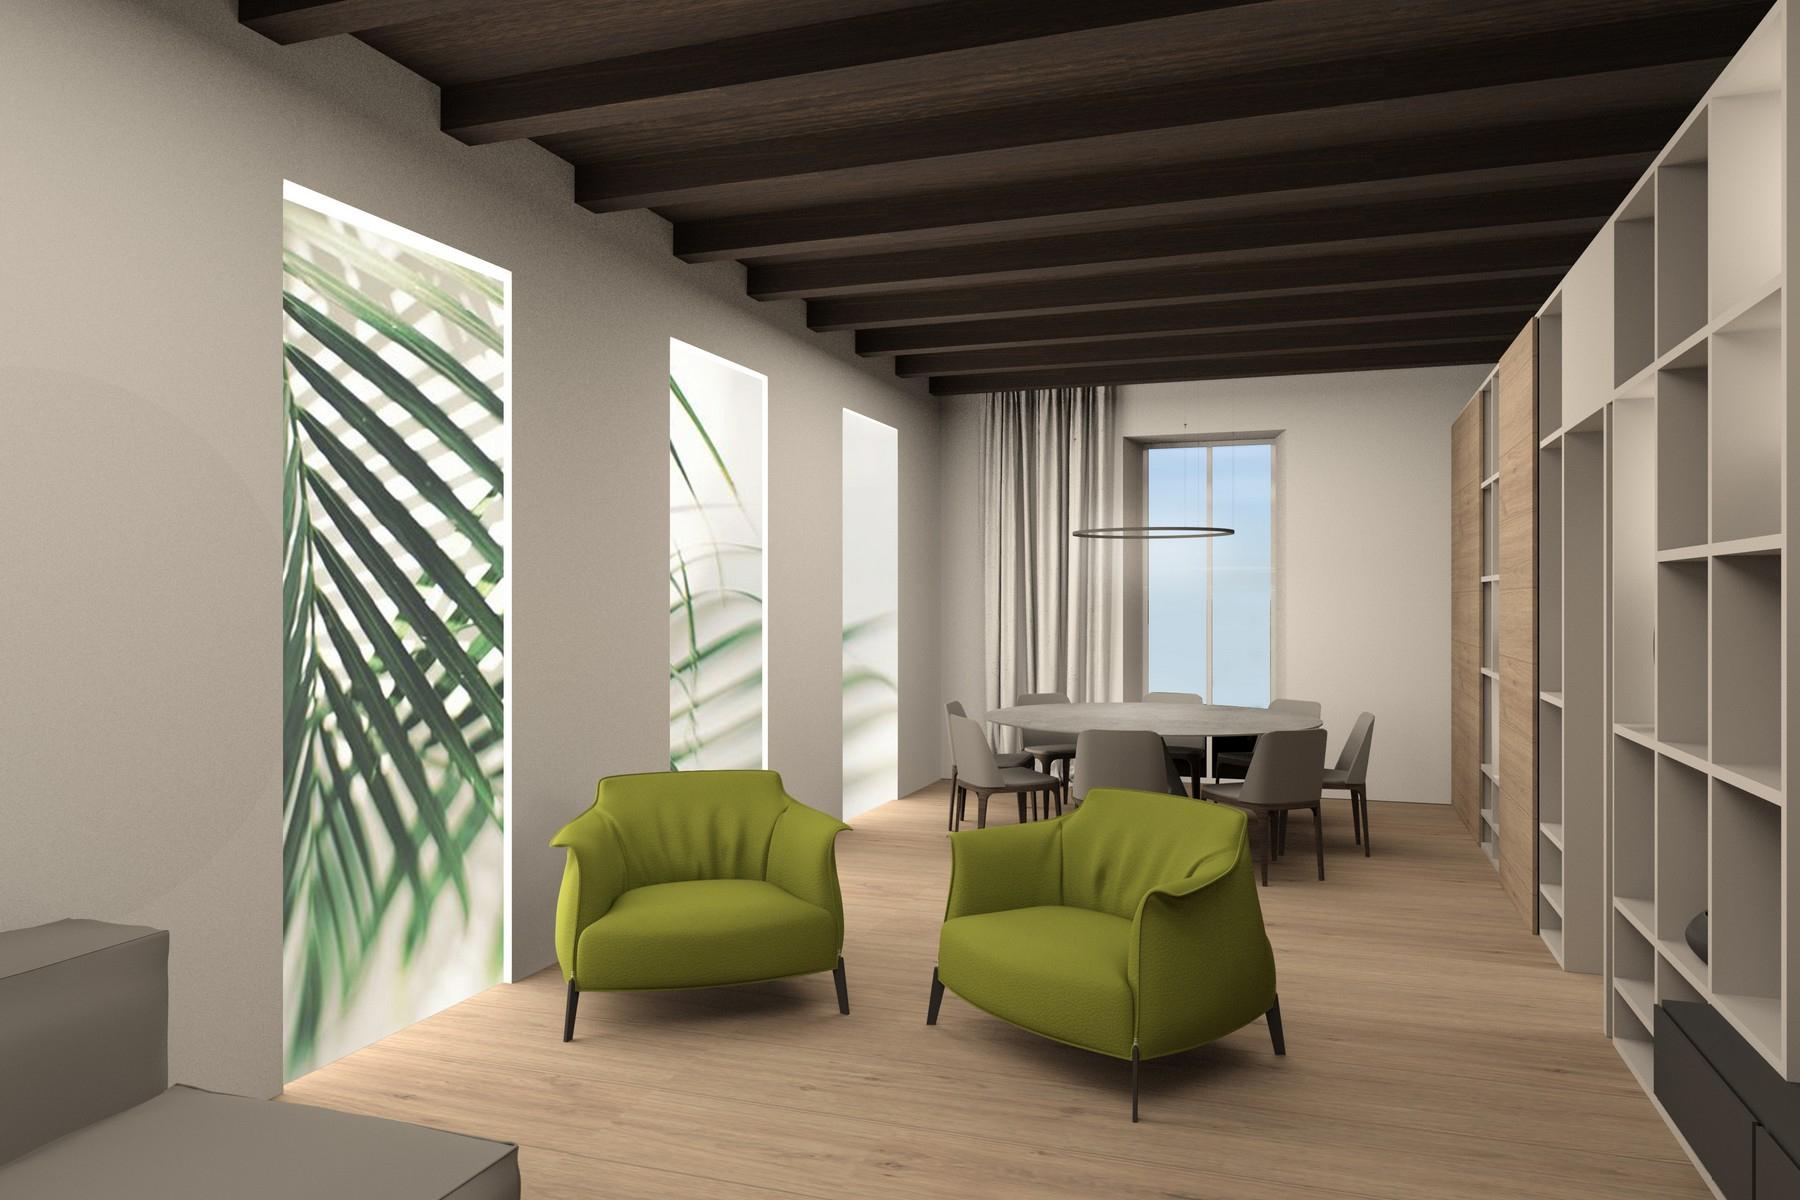 Appartamento in Vendita a Milano 08 Vercelli / Magenta / Cadorna / Washington: 5 locali, 160 mq